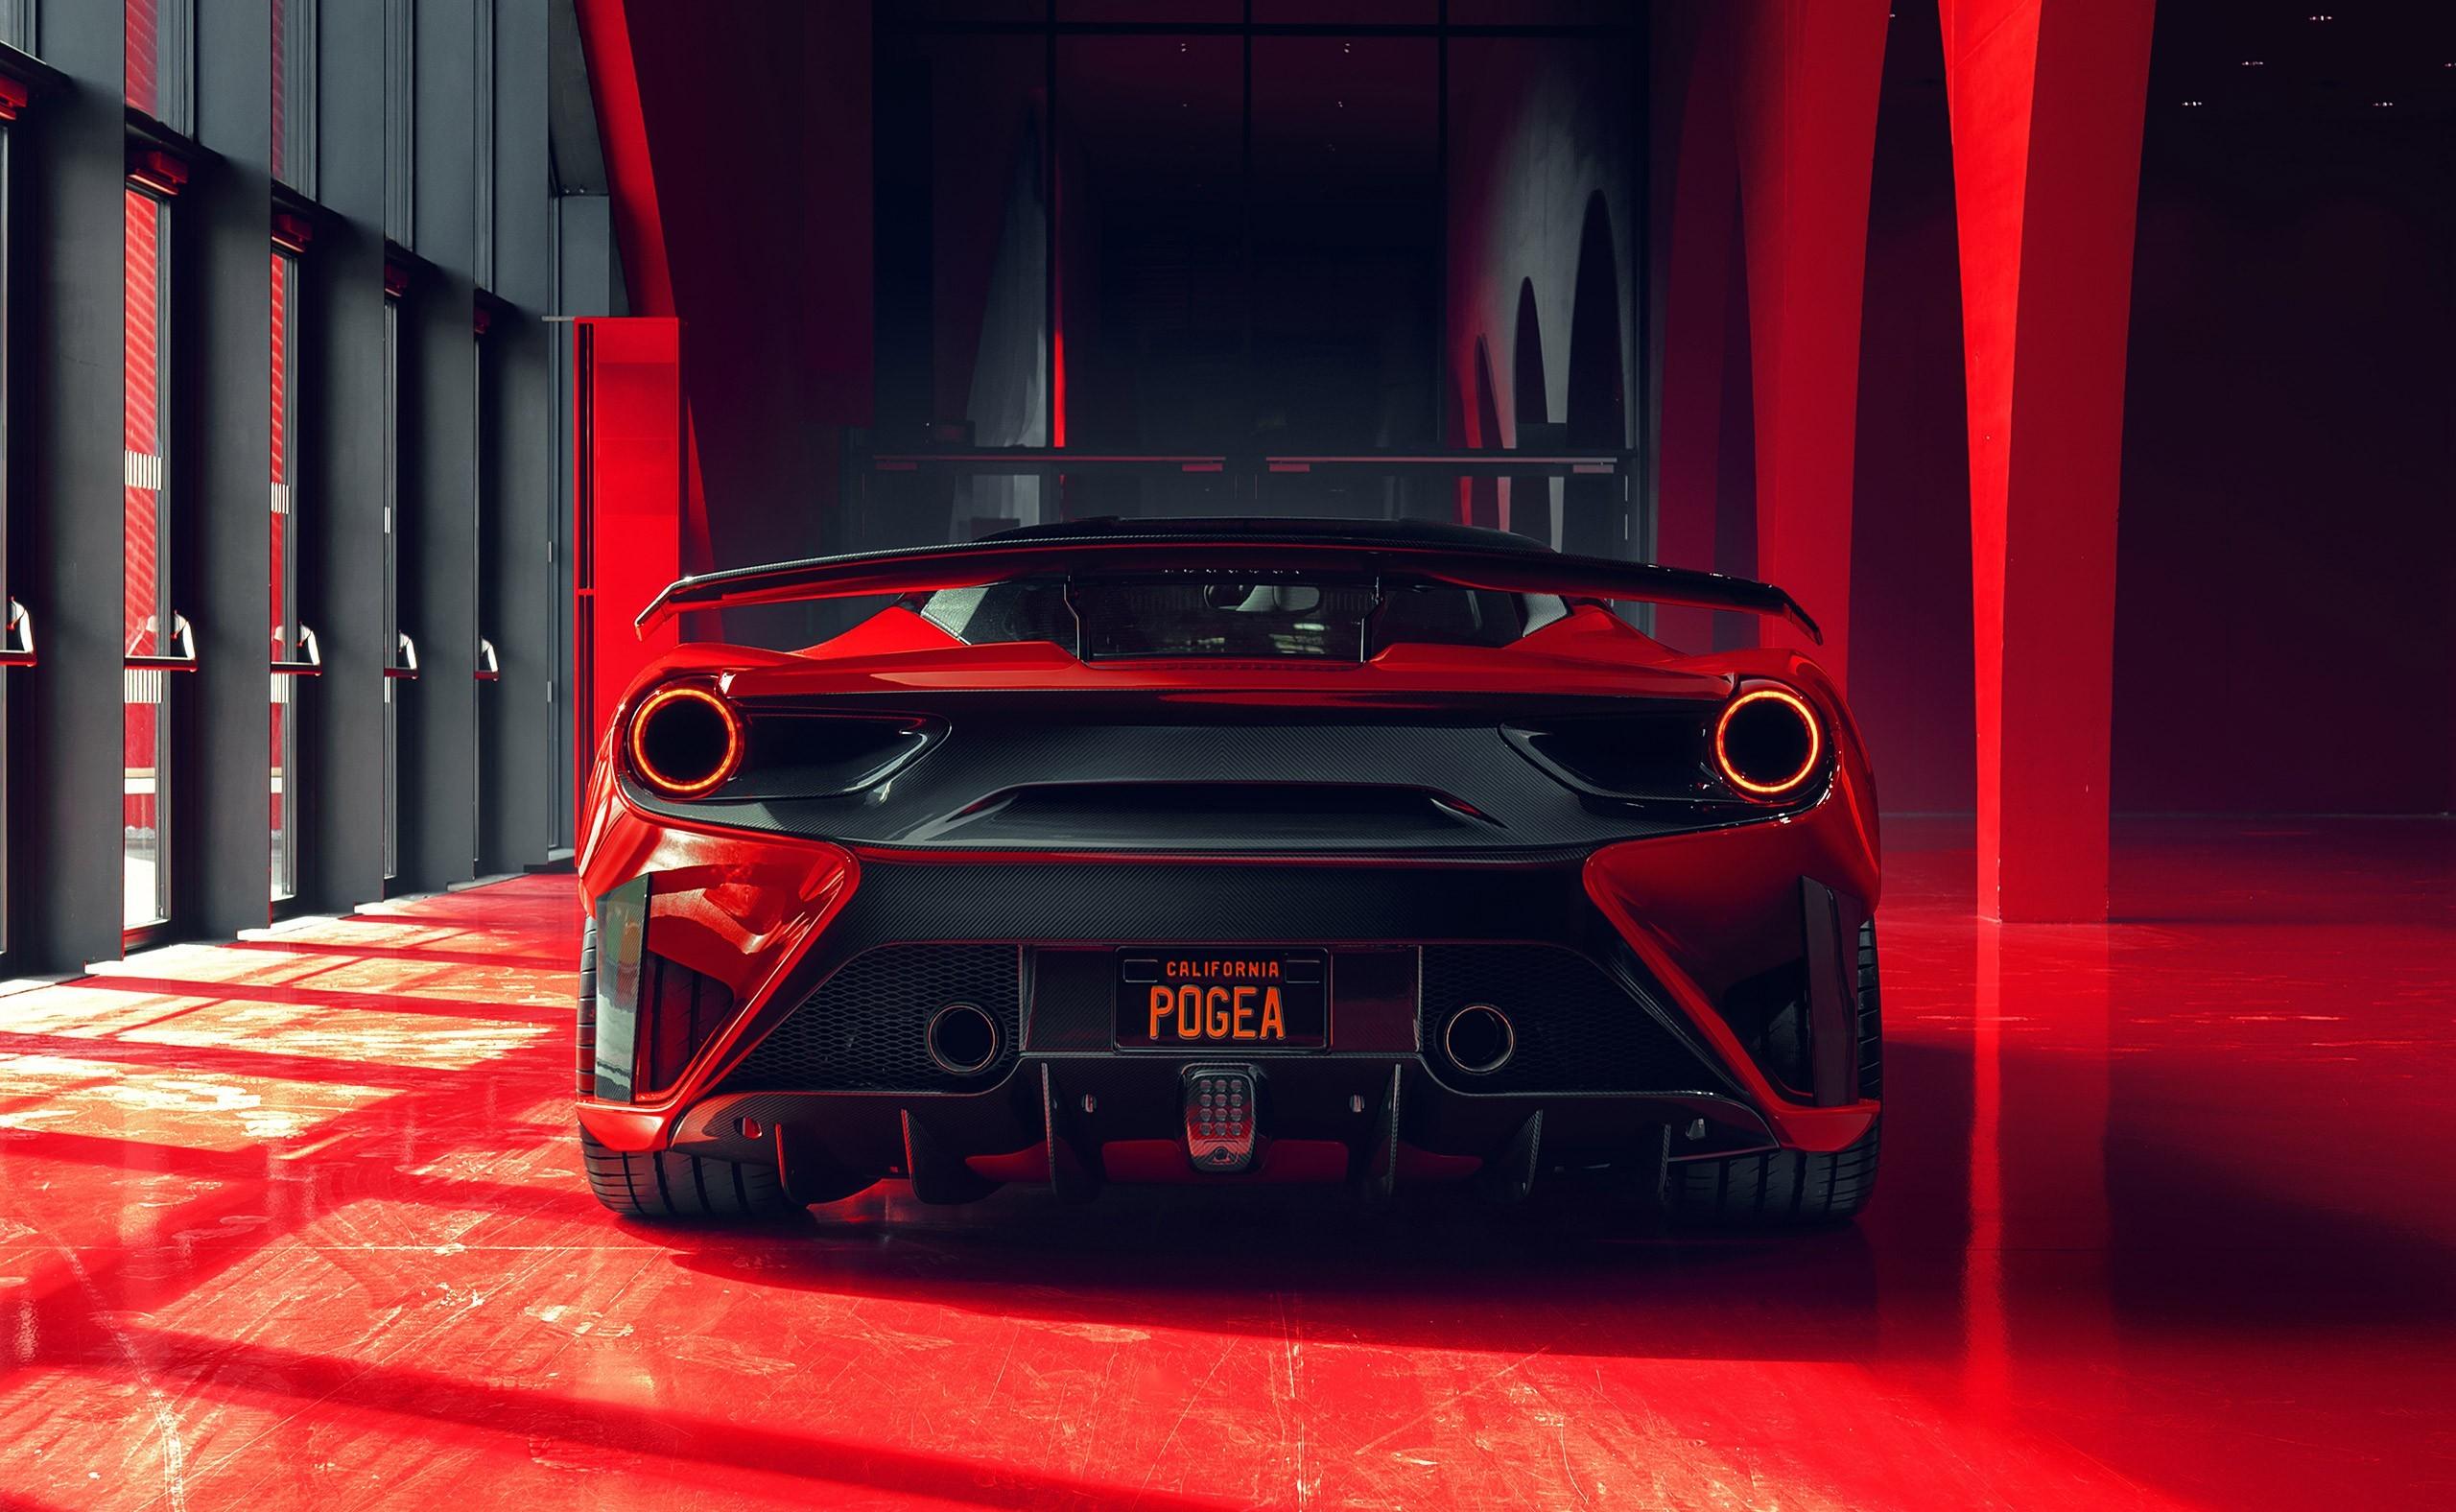 Ultra Hd Full Hd Ferrari Wallpaper